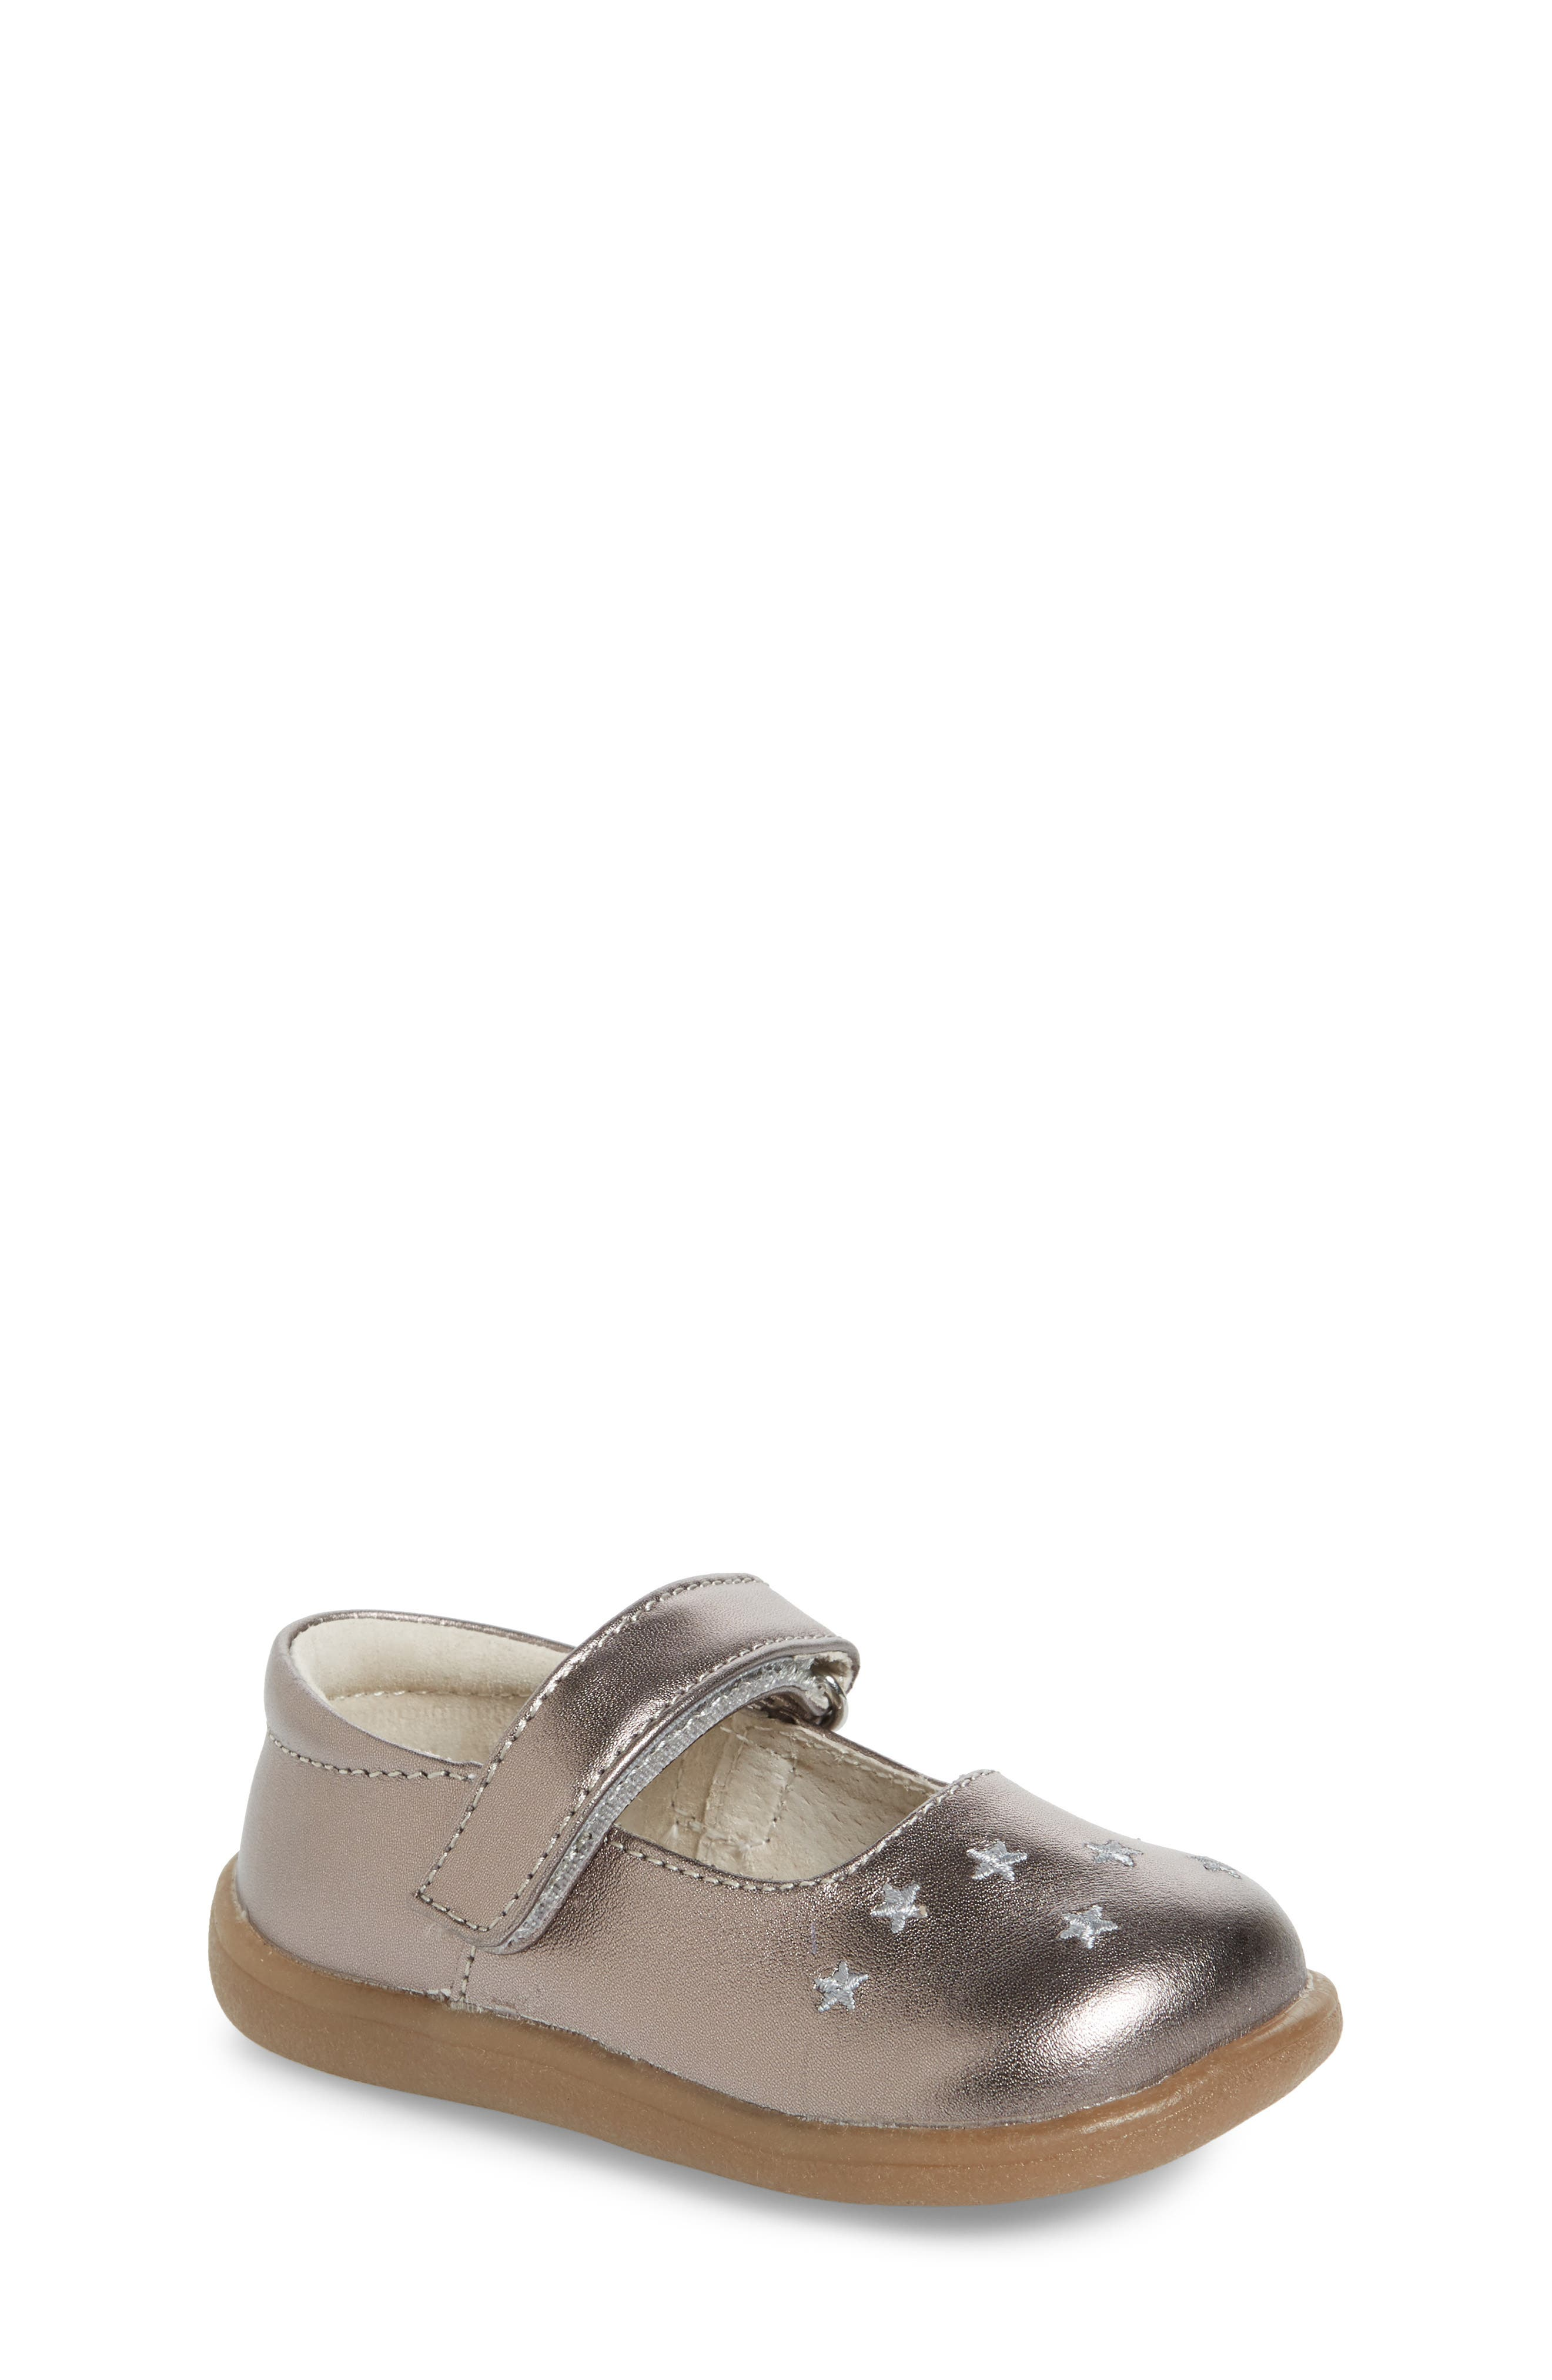 Main Image - See Kai Run Harriett Mary Jane Flat (Baby, Walker, Toddler & Little Kid)